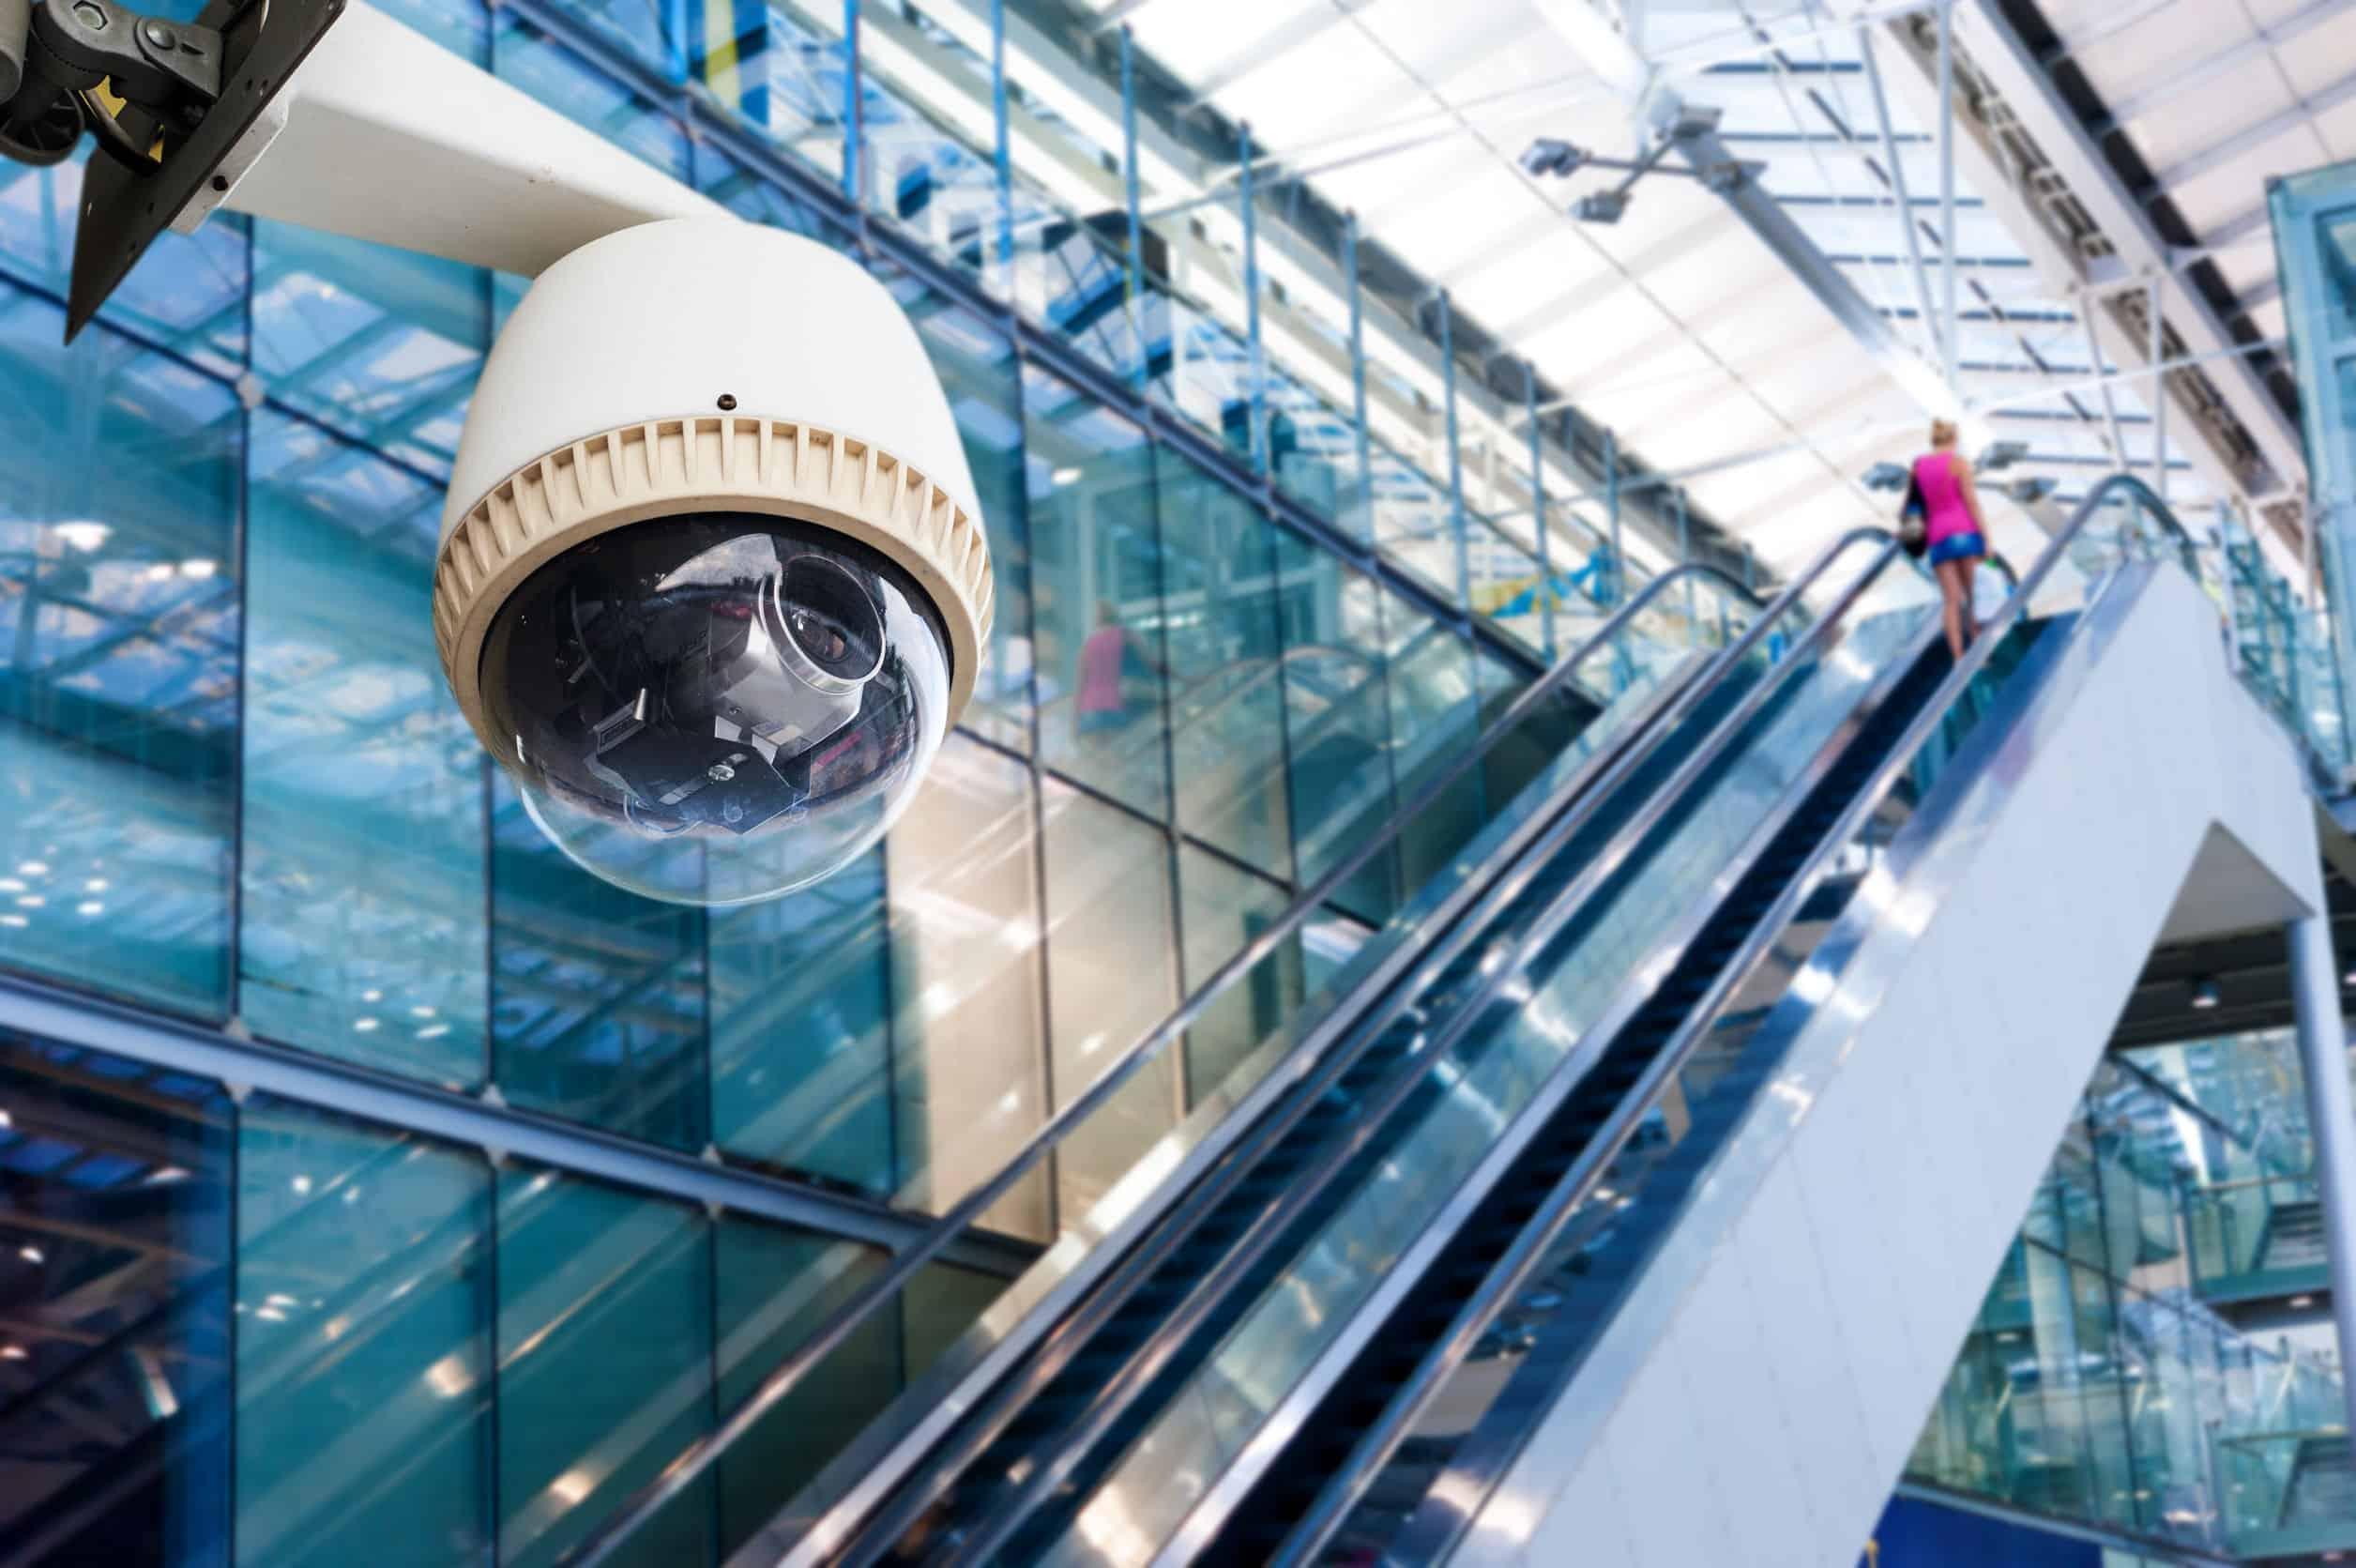 Beveiligingscamera: Wat zijn de beste beveiligingscamera's van 2021?